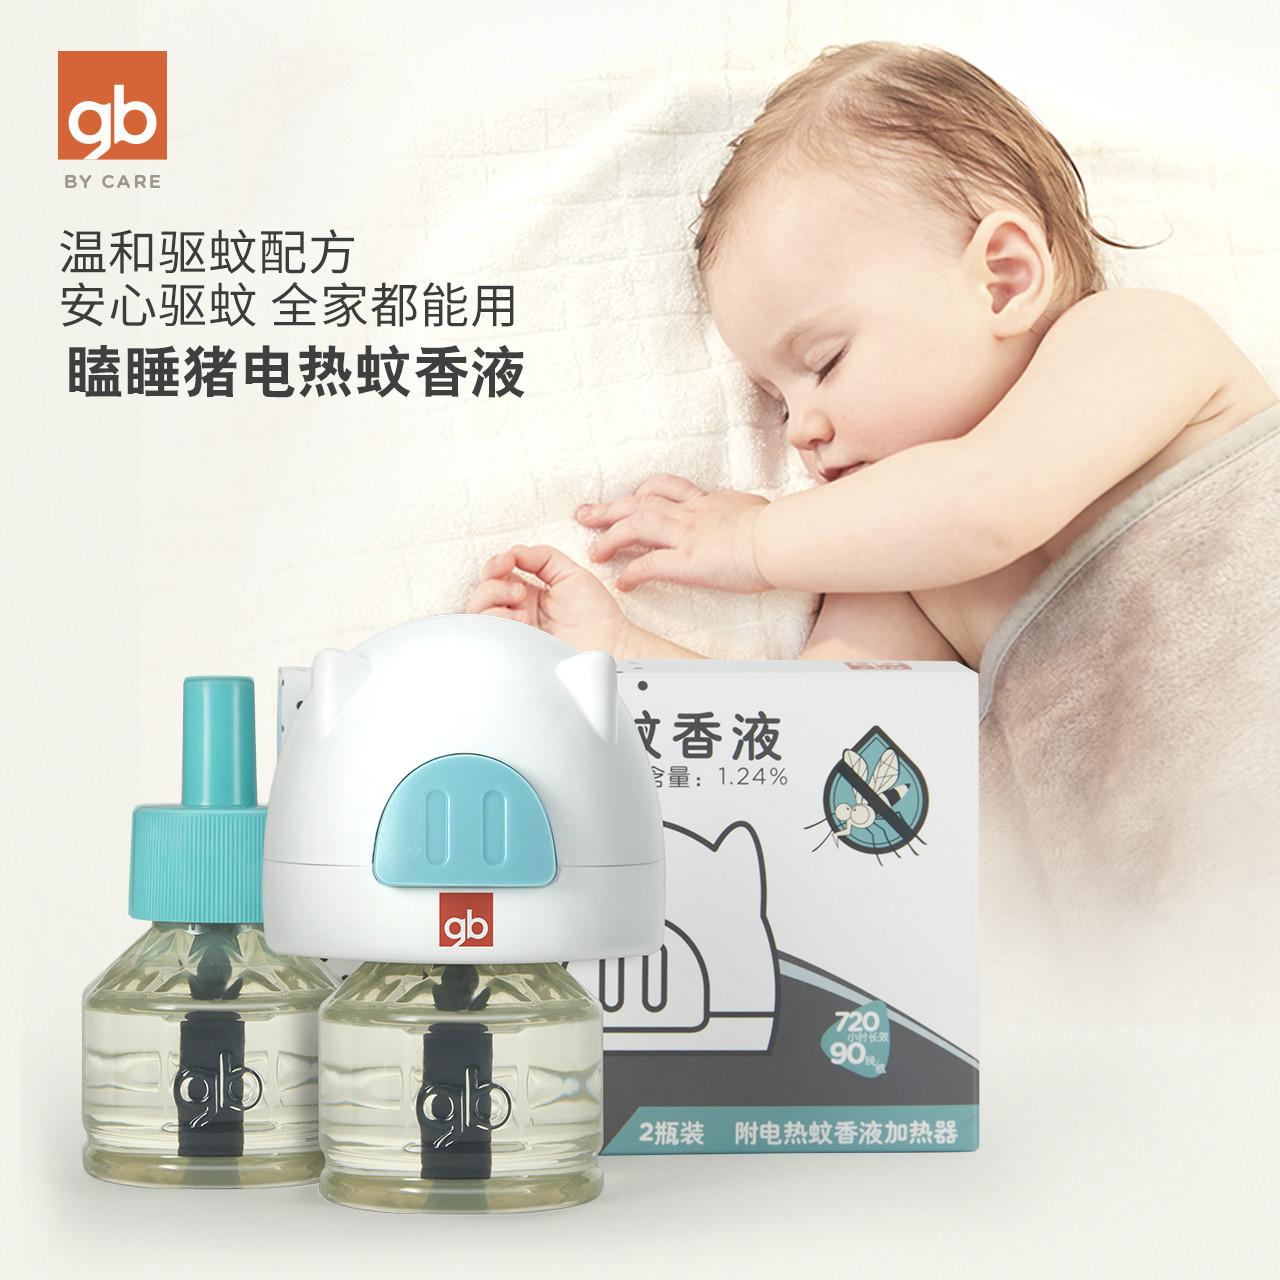 Gb хорошо дети комар ладан жидкость безвкусный ребенок беременная женщина репеллент жидкость комнатный электрическое отопление уничтожить комар водное поло форма ребенок безвкусный тип